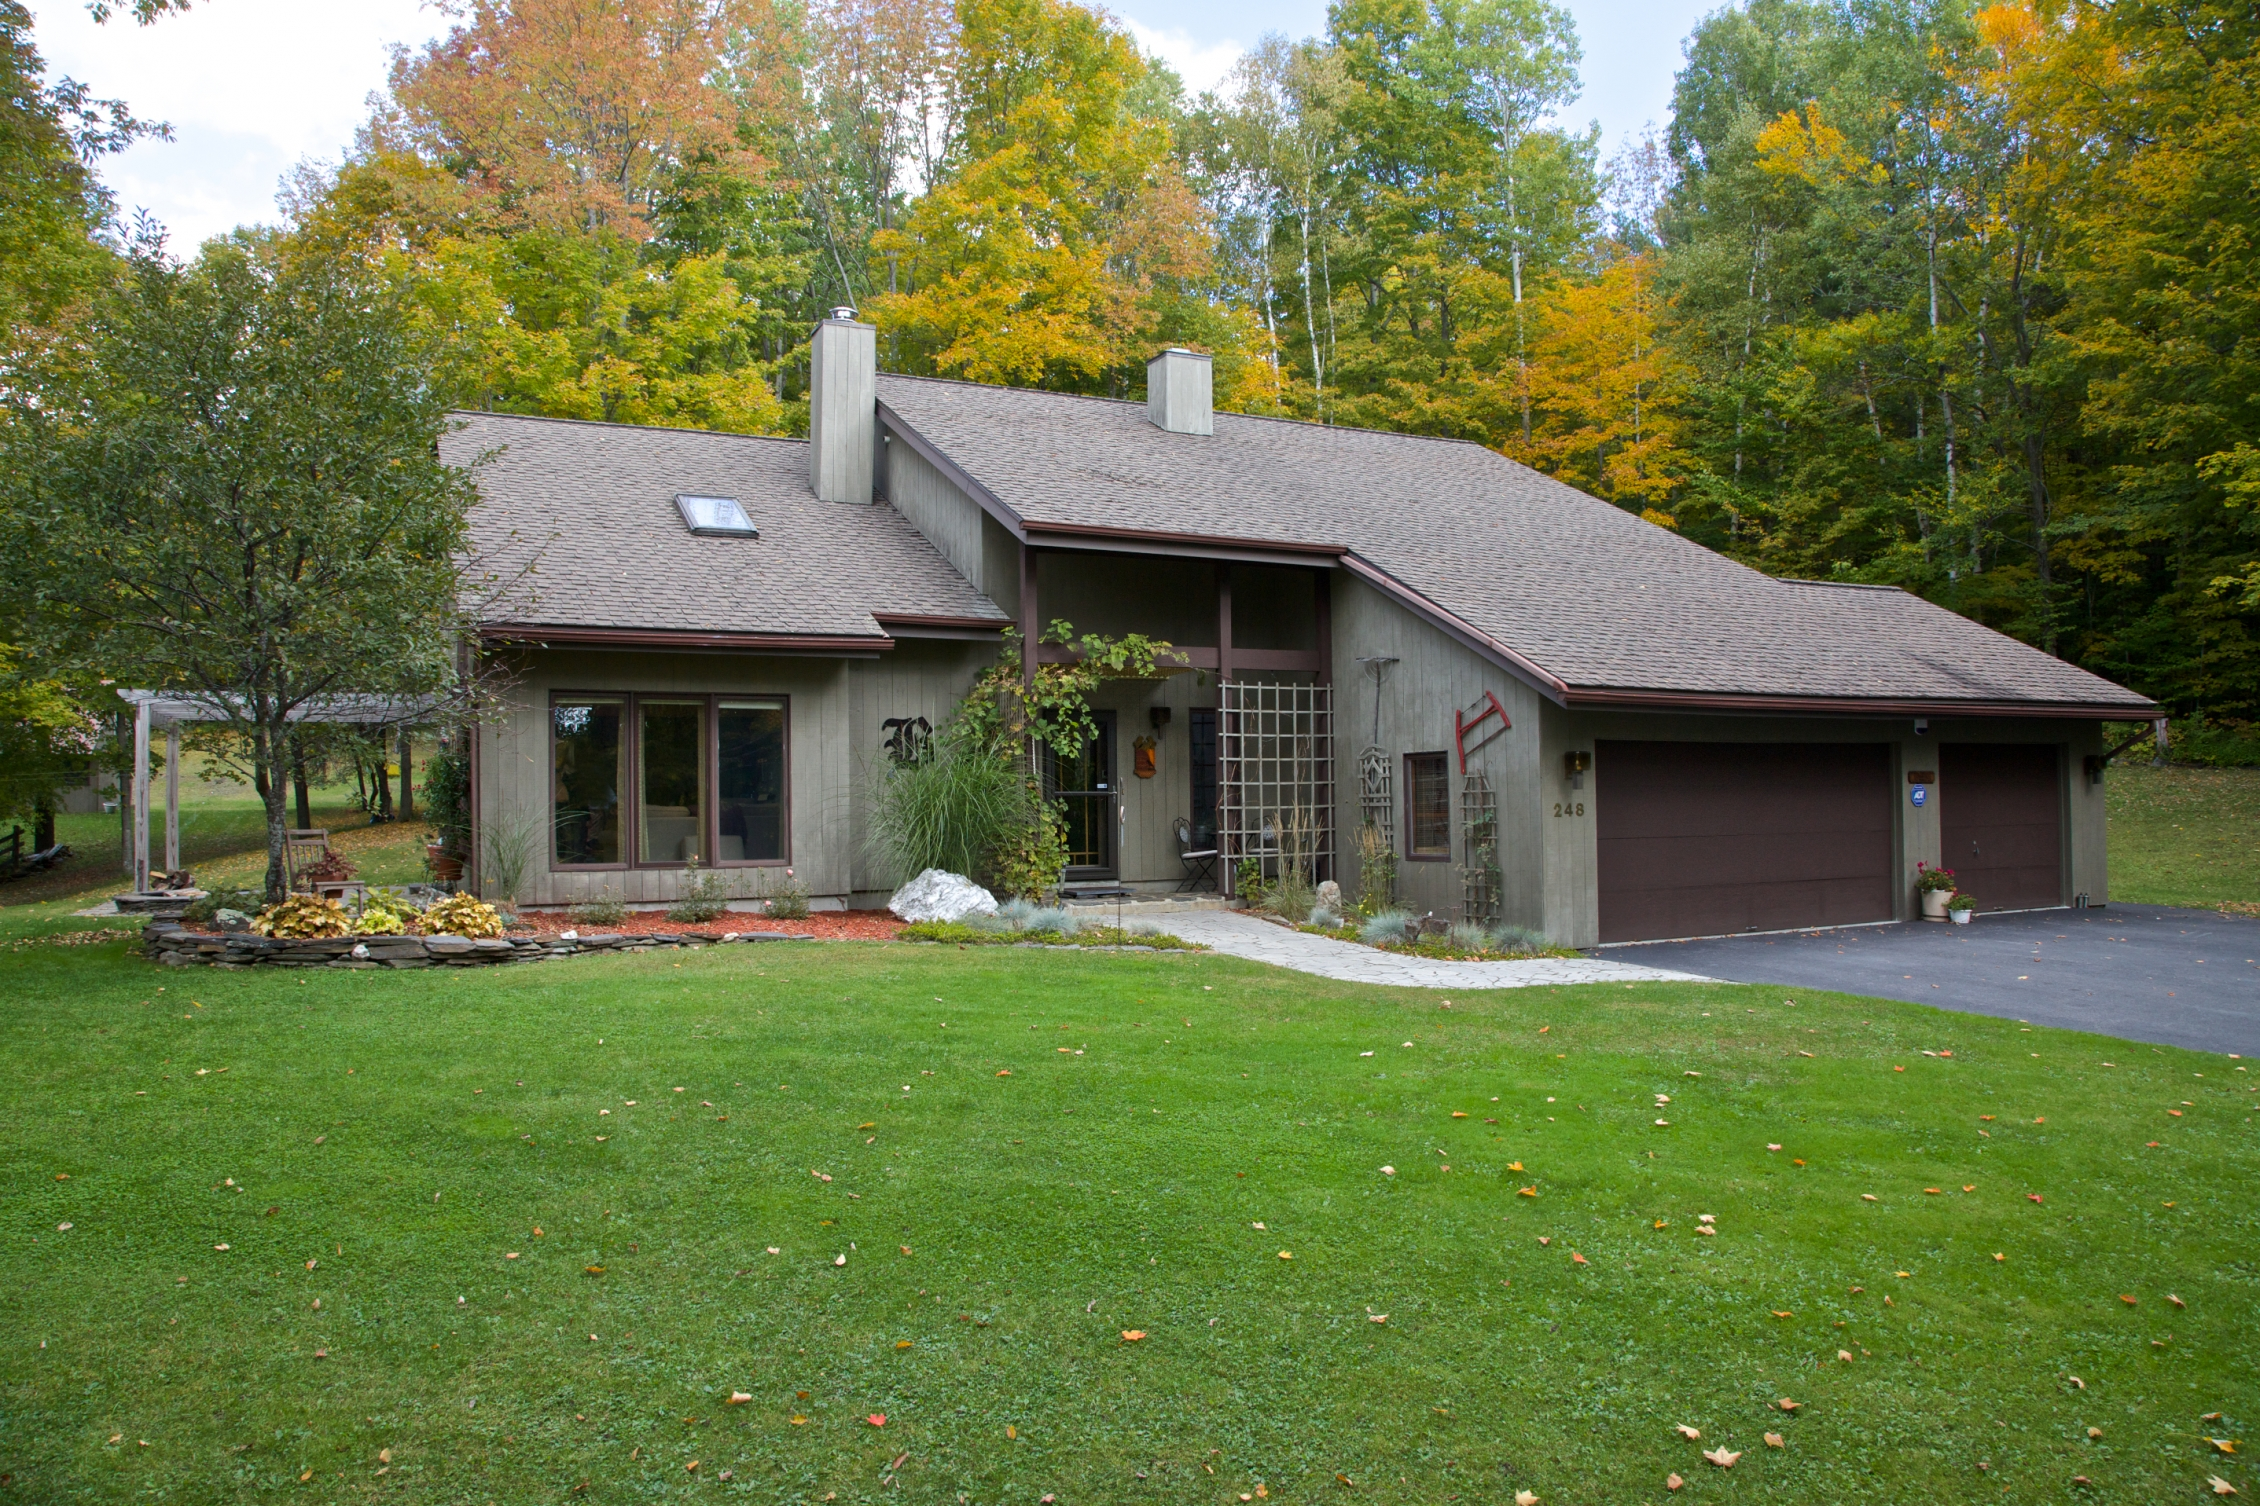 Villa per Vendita alle ore 248 Windywood Road, Barre Town 248 Windywood Rd Barre, Vermont 05641 Stati Uniti